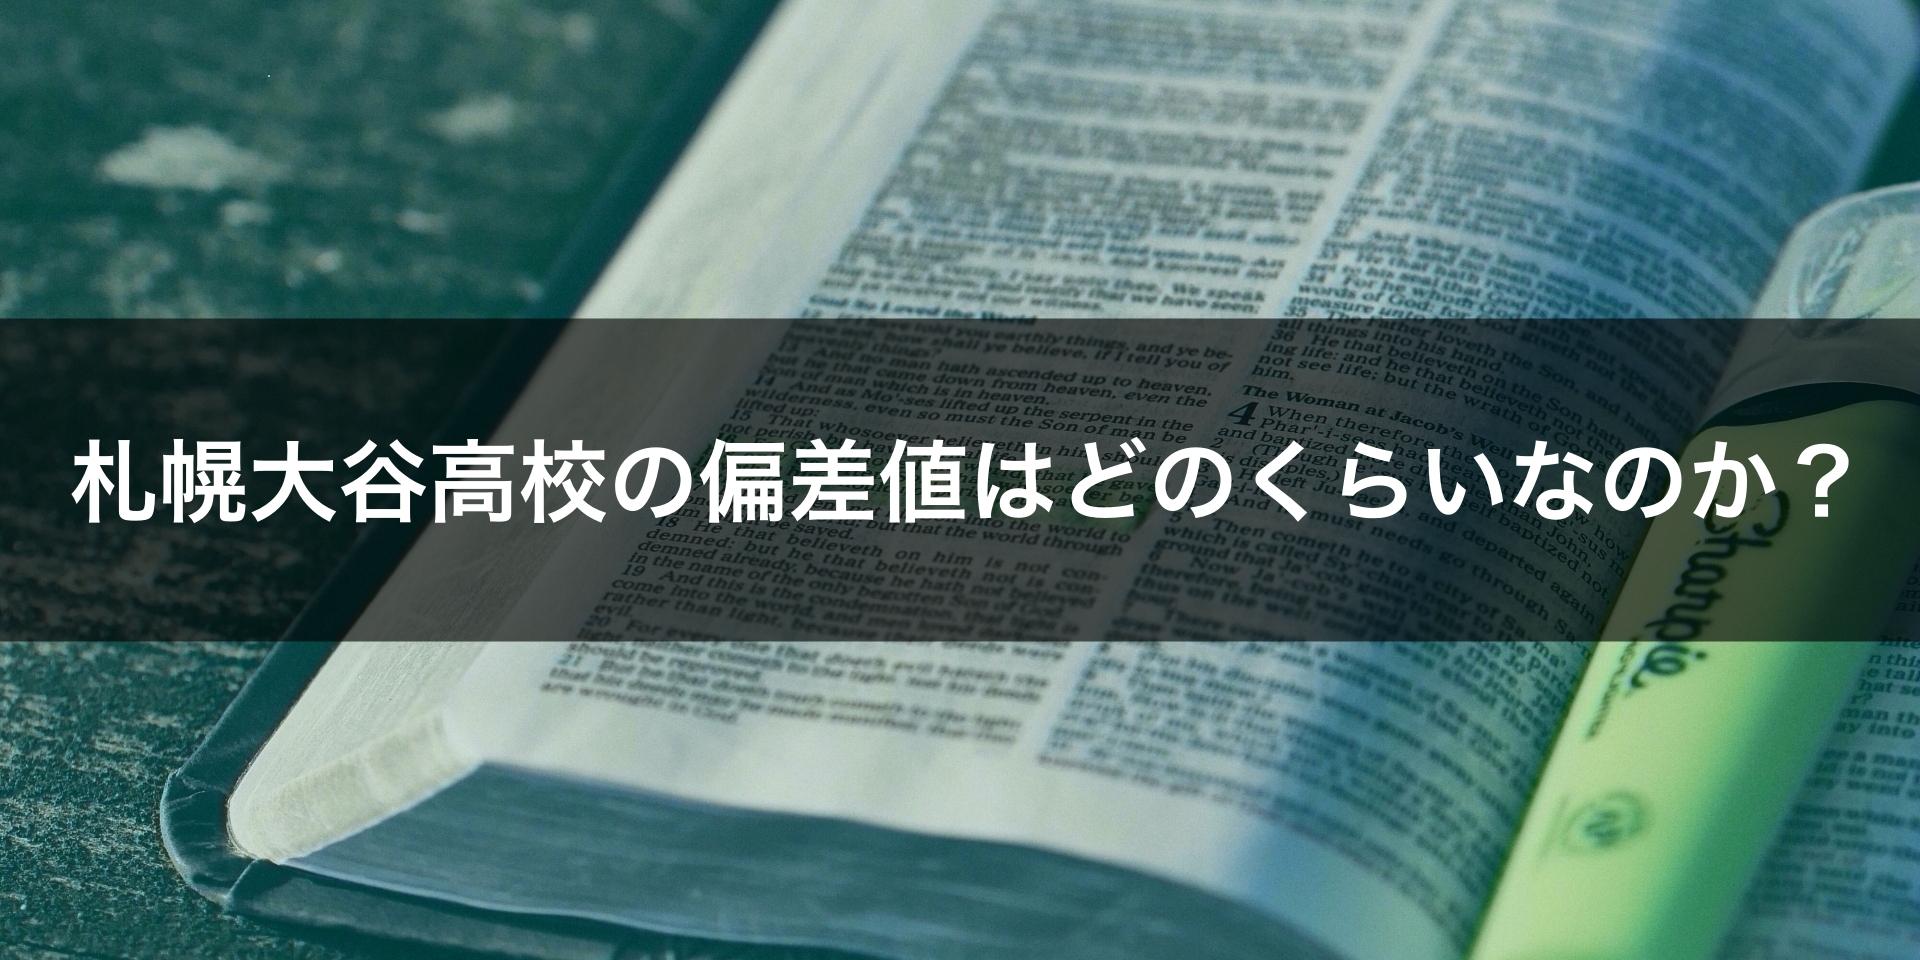 札幌大谷高校の偏差値はどのくらいなのか?